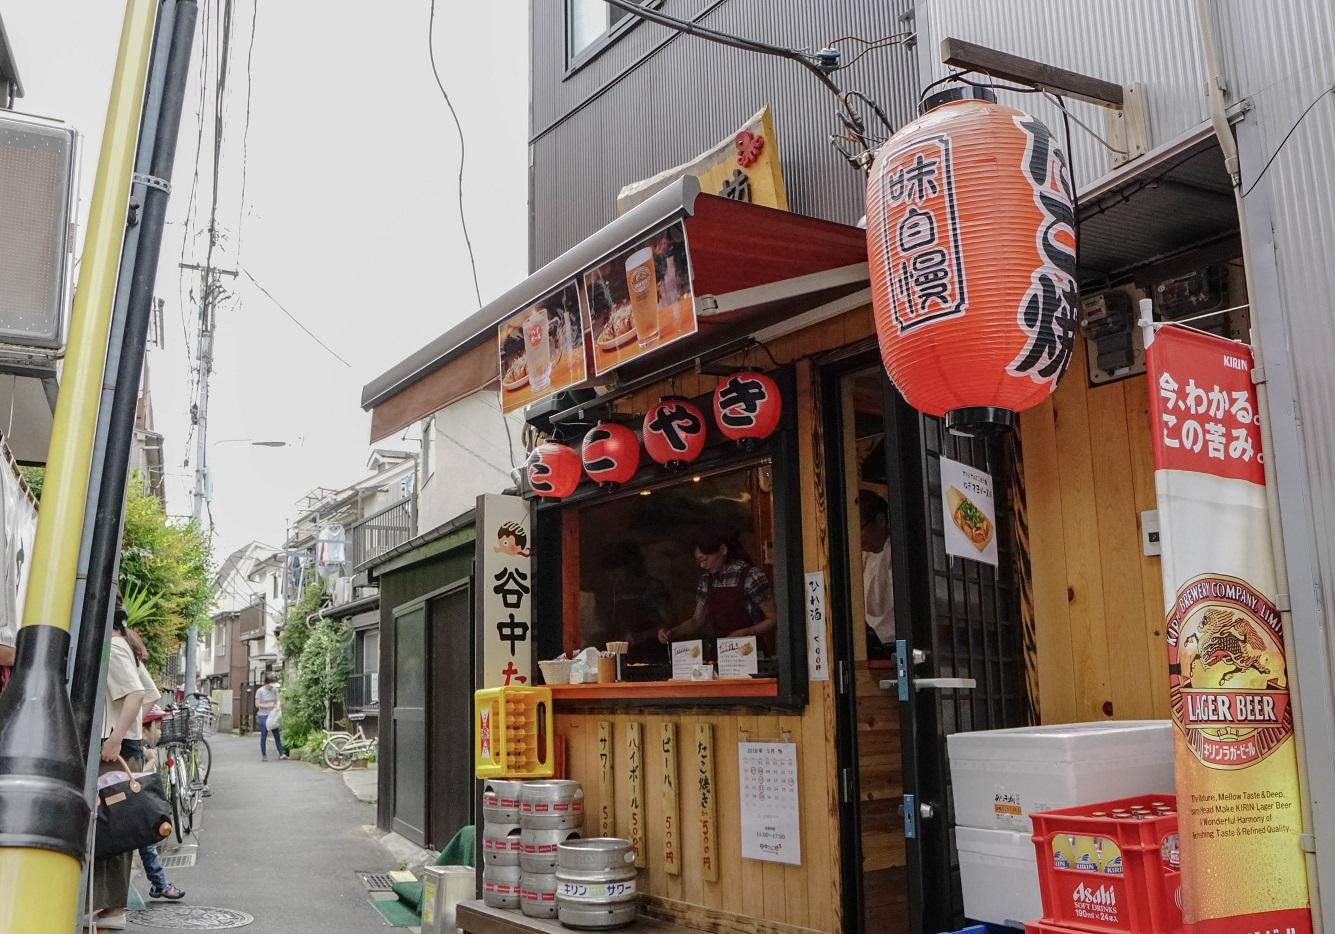 yanesen tokyo food stand.jpg